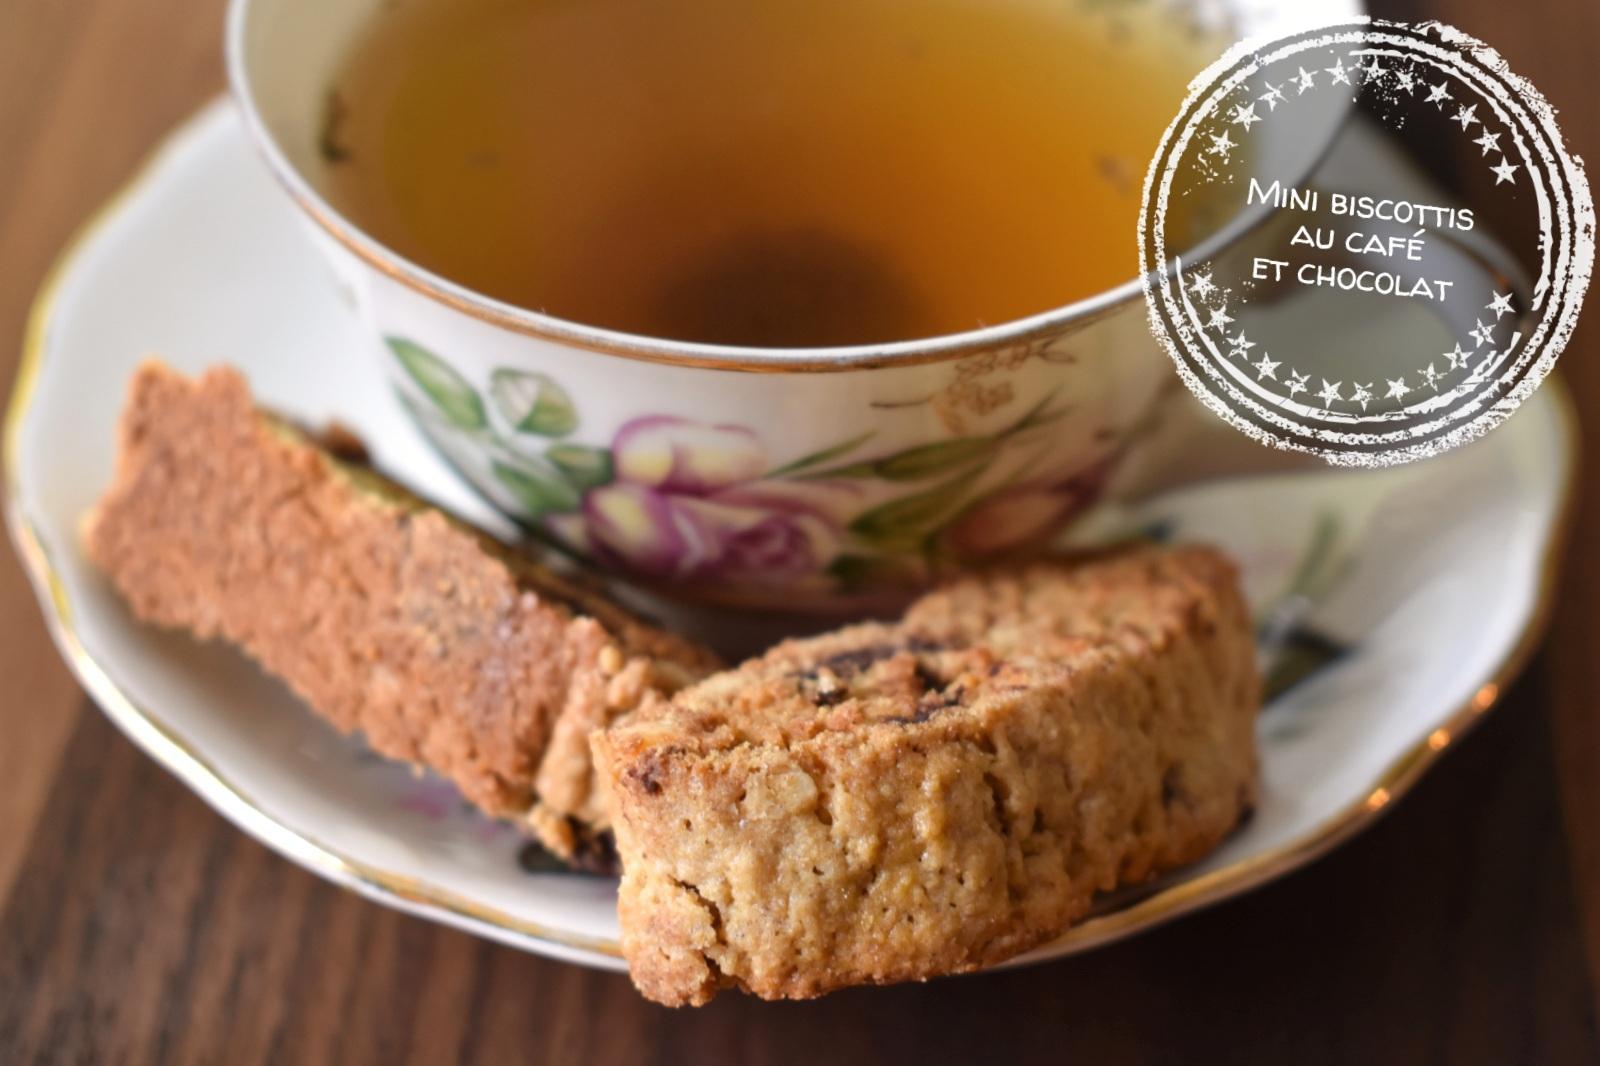 Mini biscottis au café et chocolat - Auboutdelalangue.com (16)